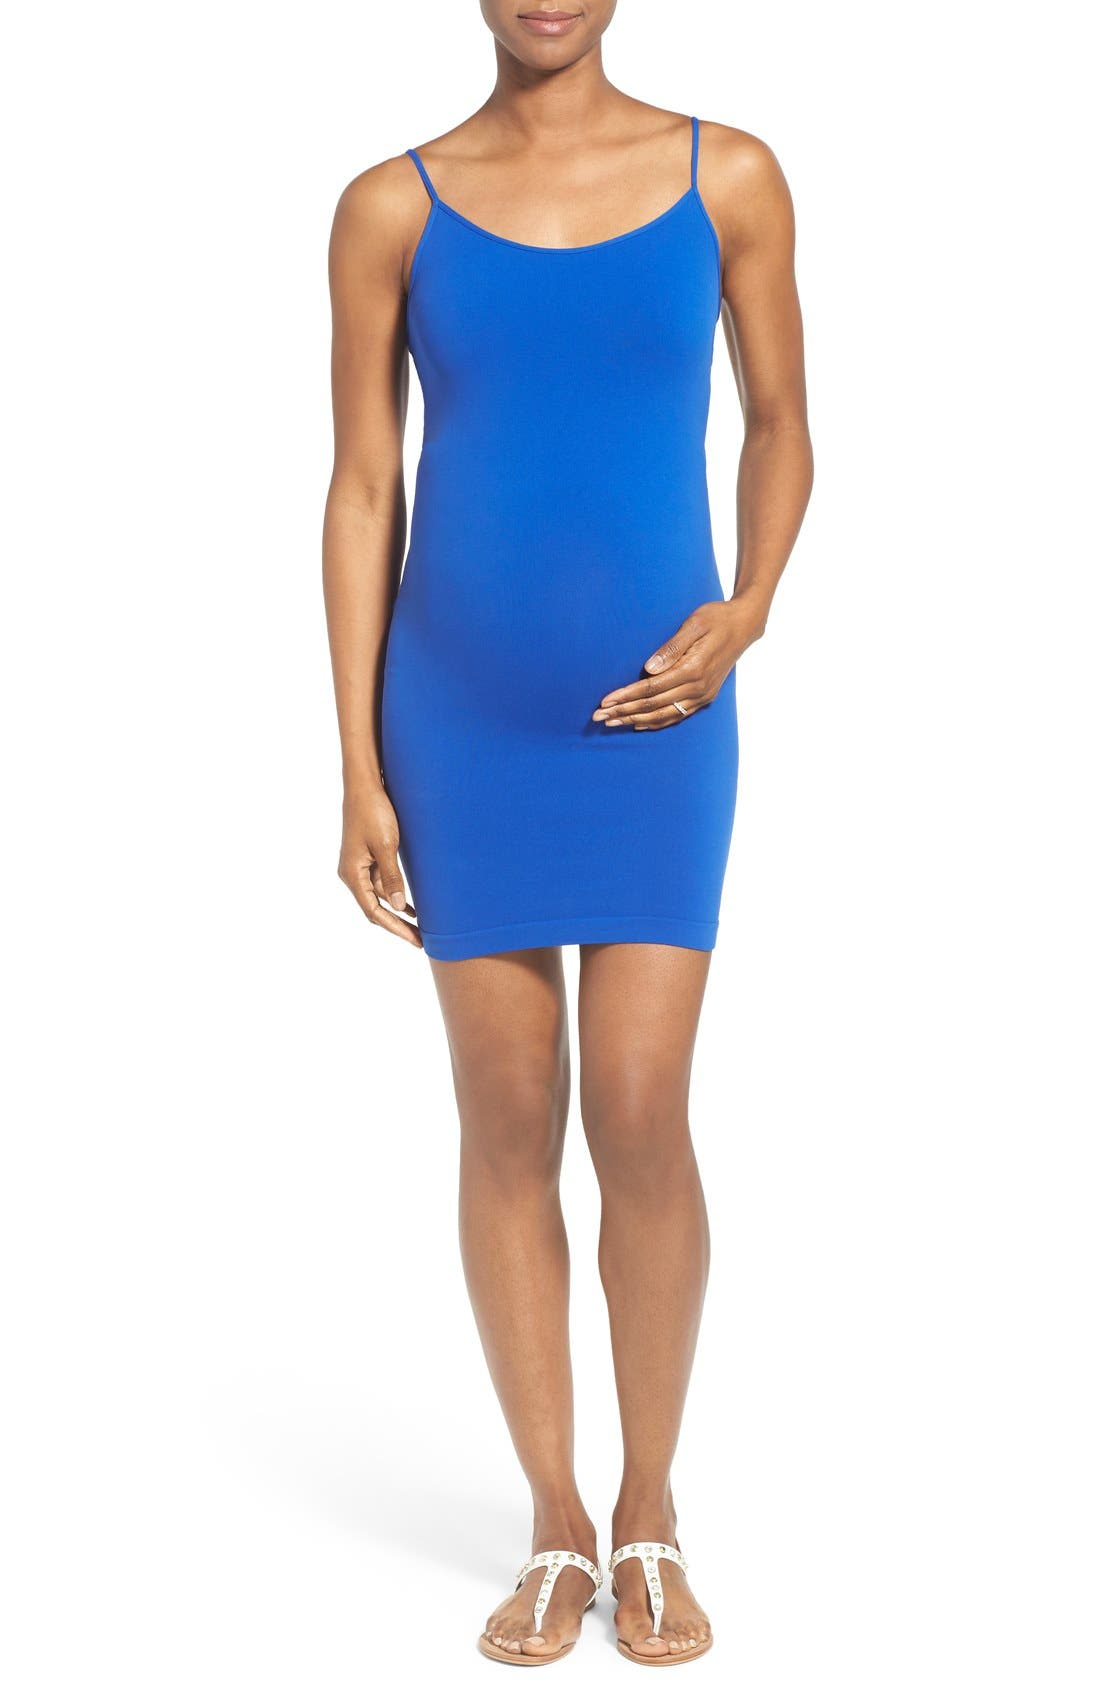 TEES BY TINA Cami Tunic Slip Maternity Dress